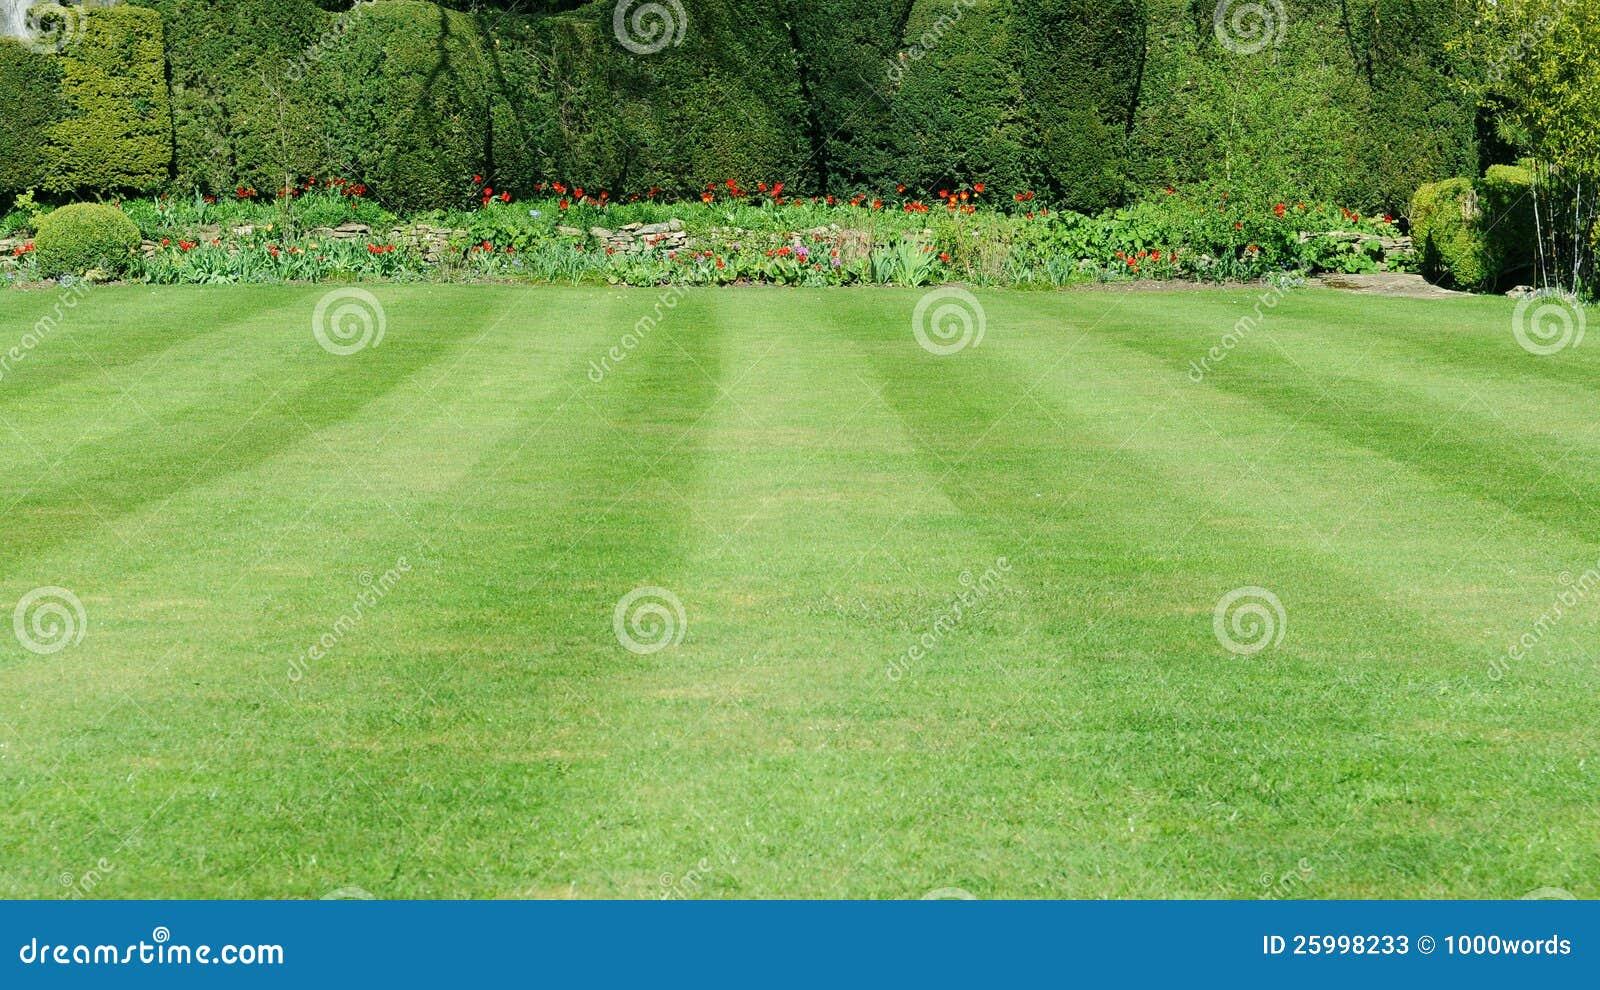 Garten rasen stockbild bild von eingang busch for Garten rasen